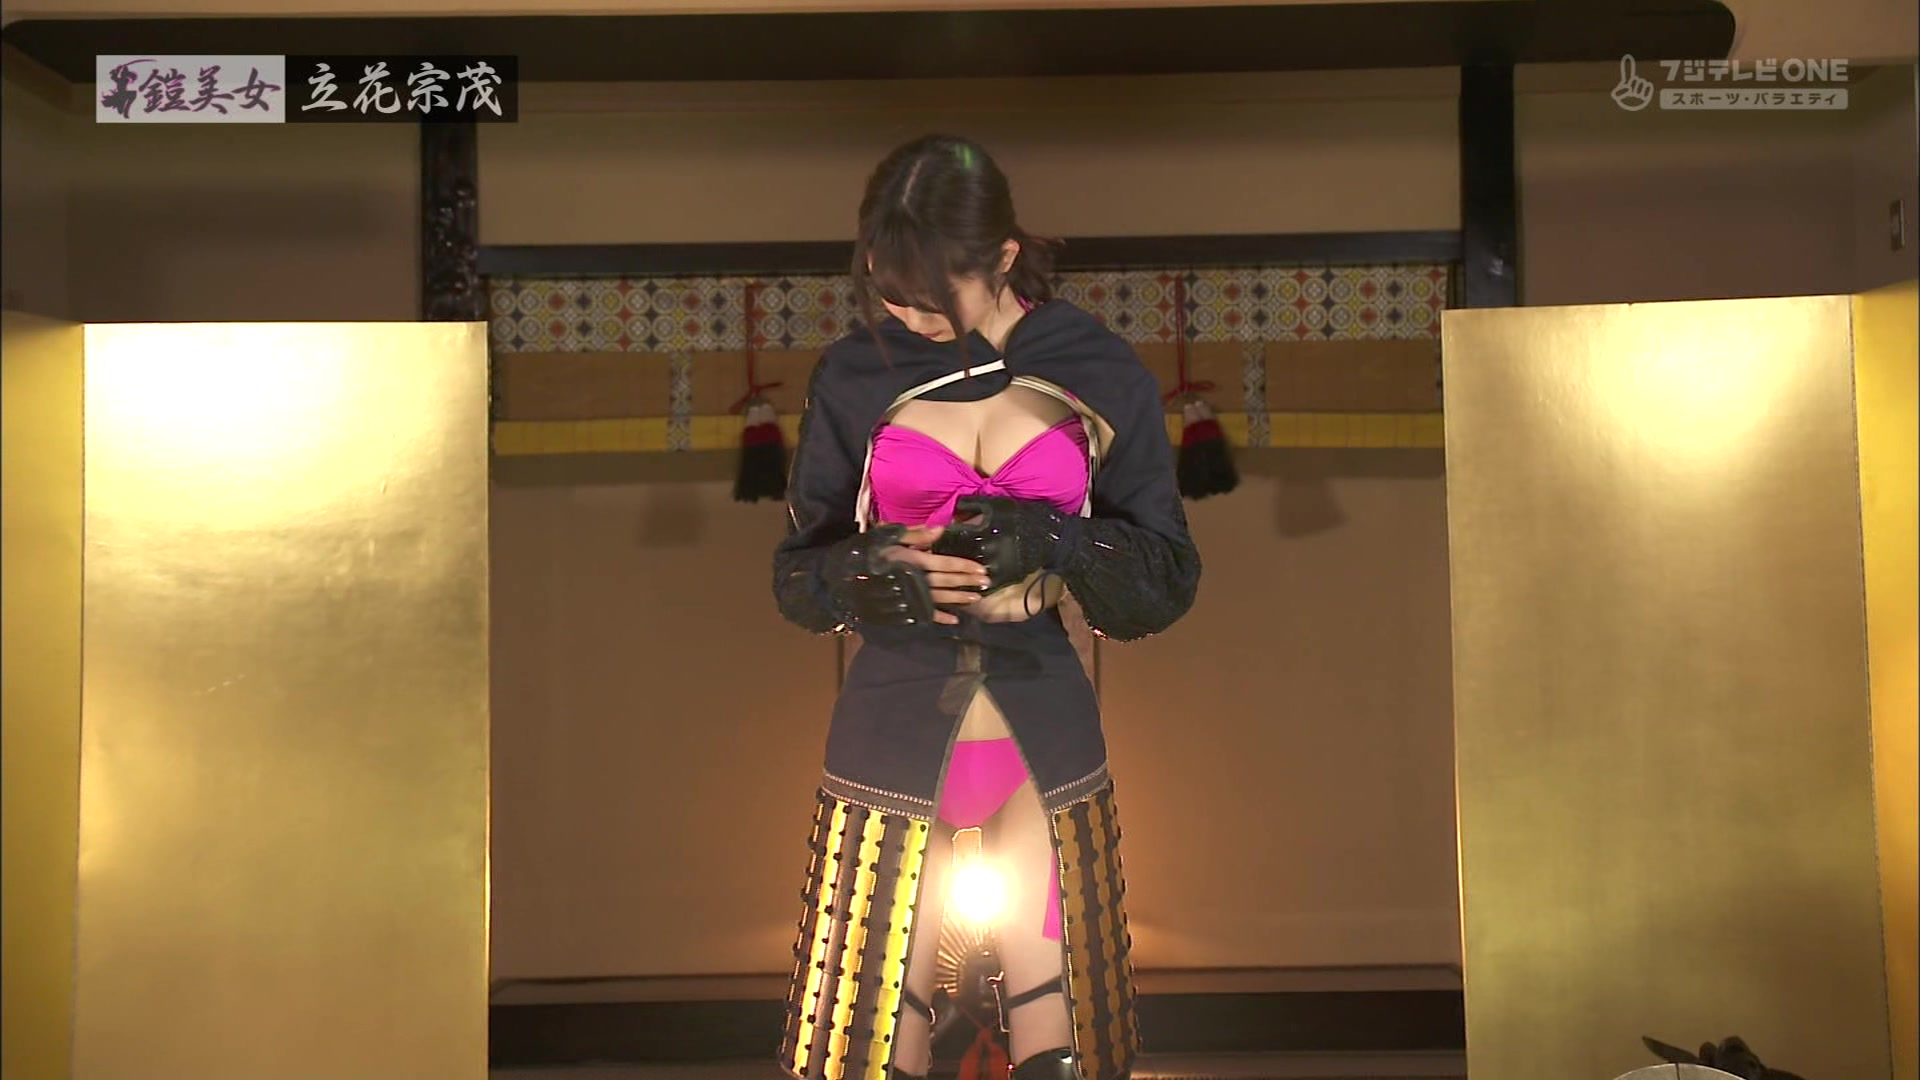 鎧美女47・美音咲月さんのテレビキャプチャー画像-010